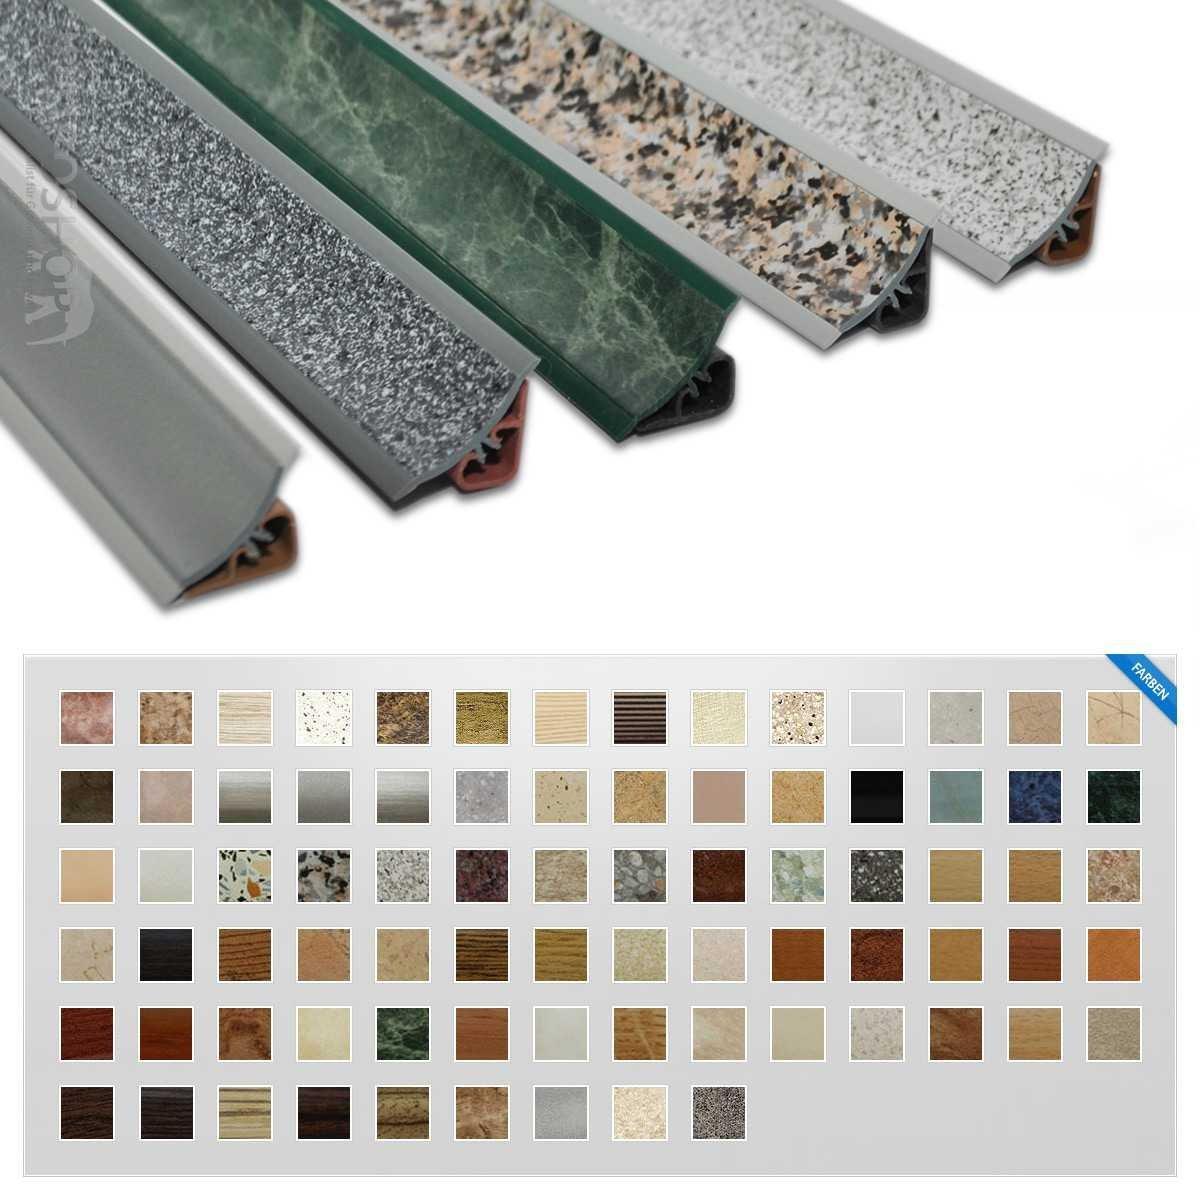 abschlu leisten f r k chenarbeitsplatten. Black Bedroom Furniture Sets. Home Design Ideas